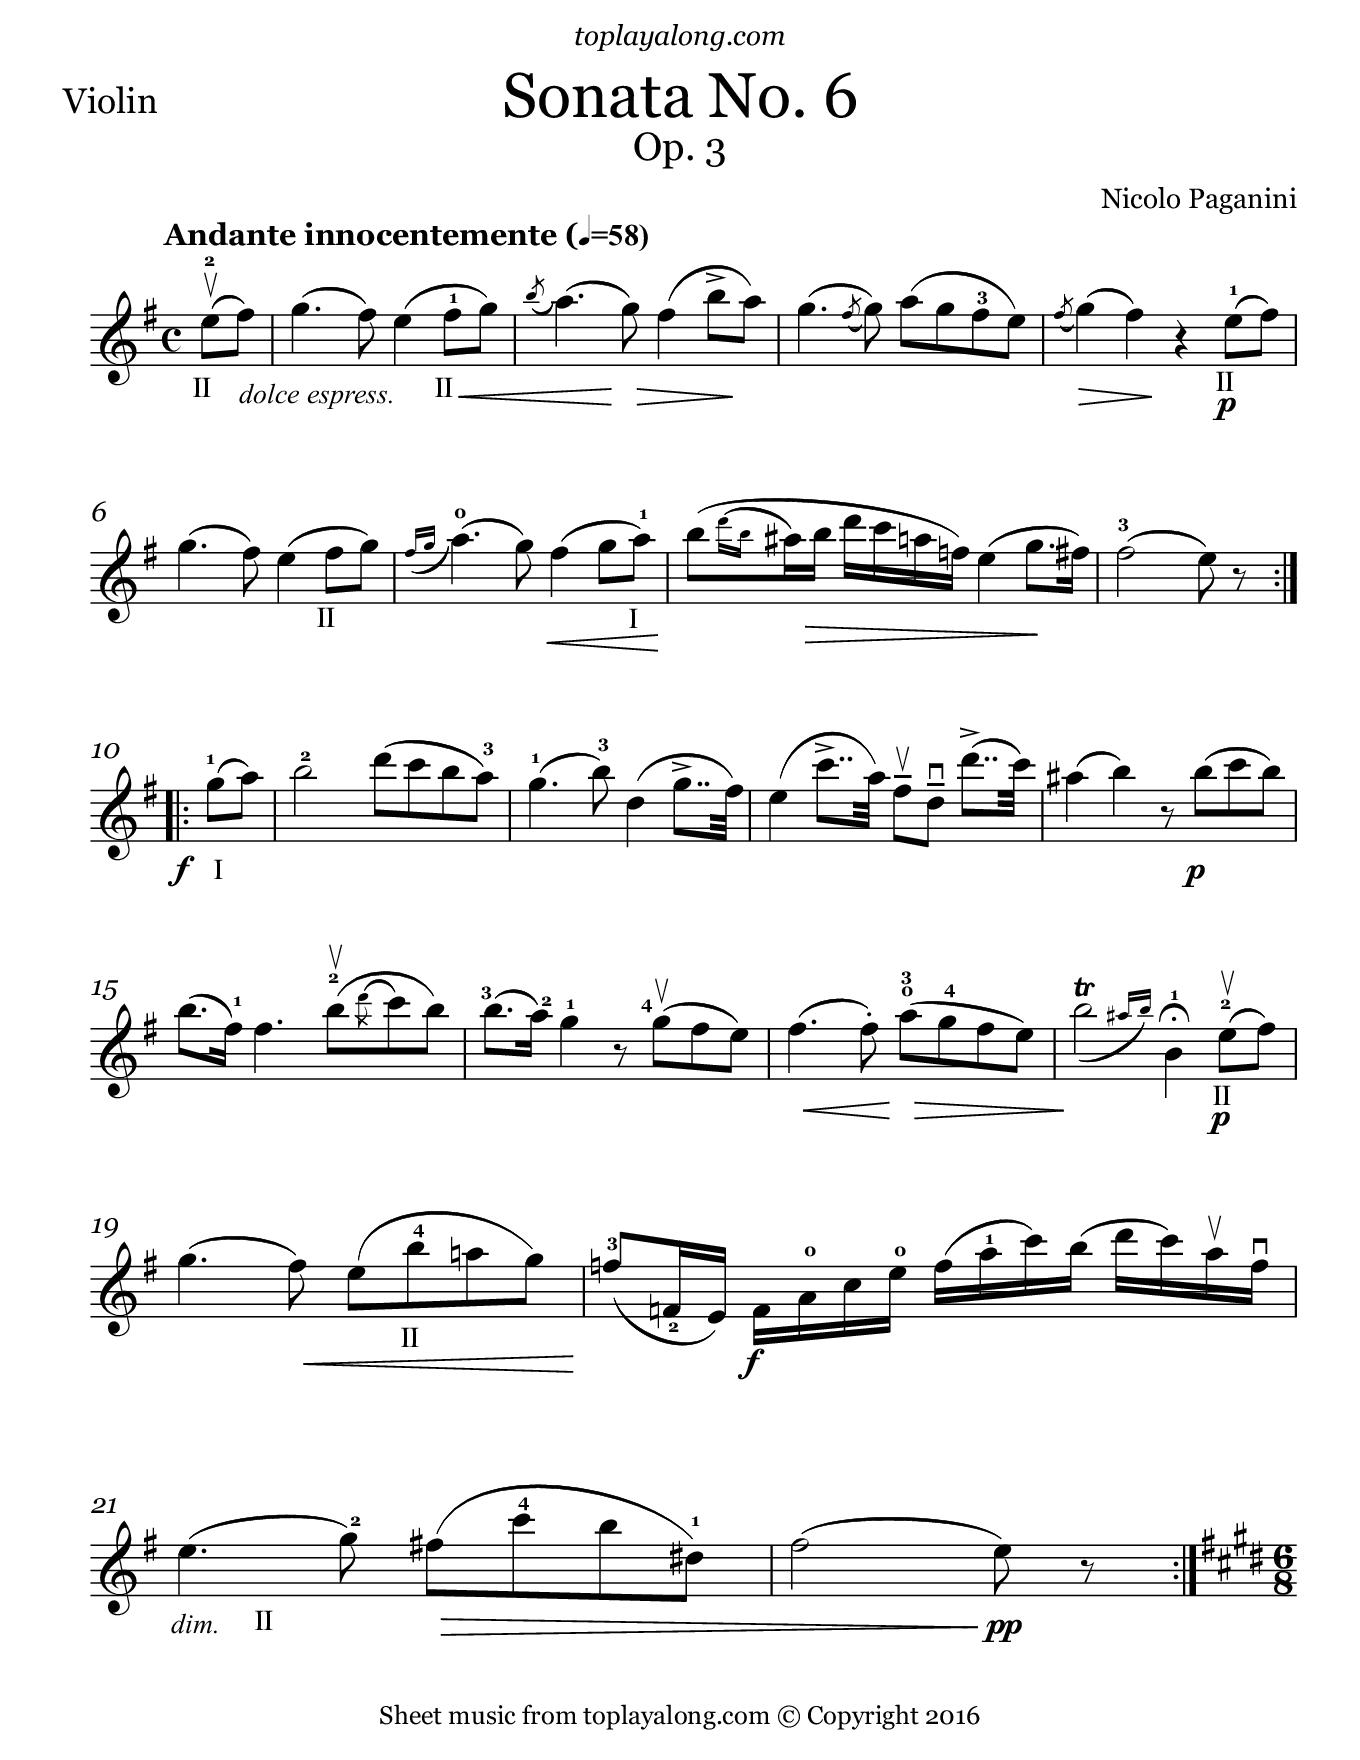 Sonata No. 6 Op. 3 by Paganini. Sheet music for Violin, page 1.